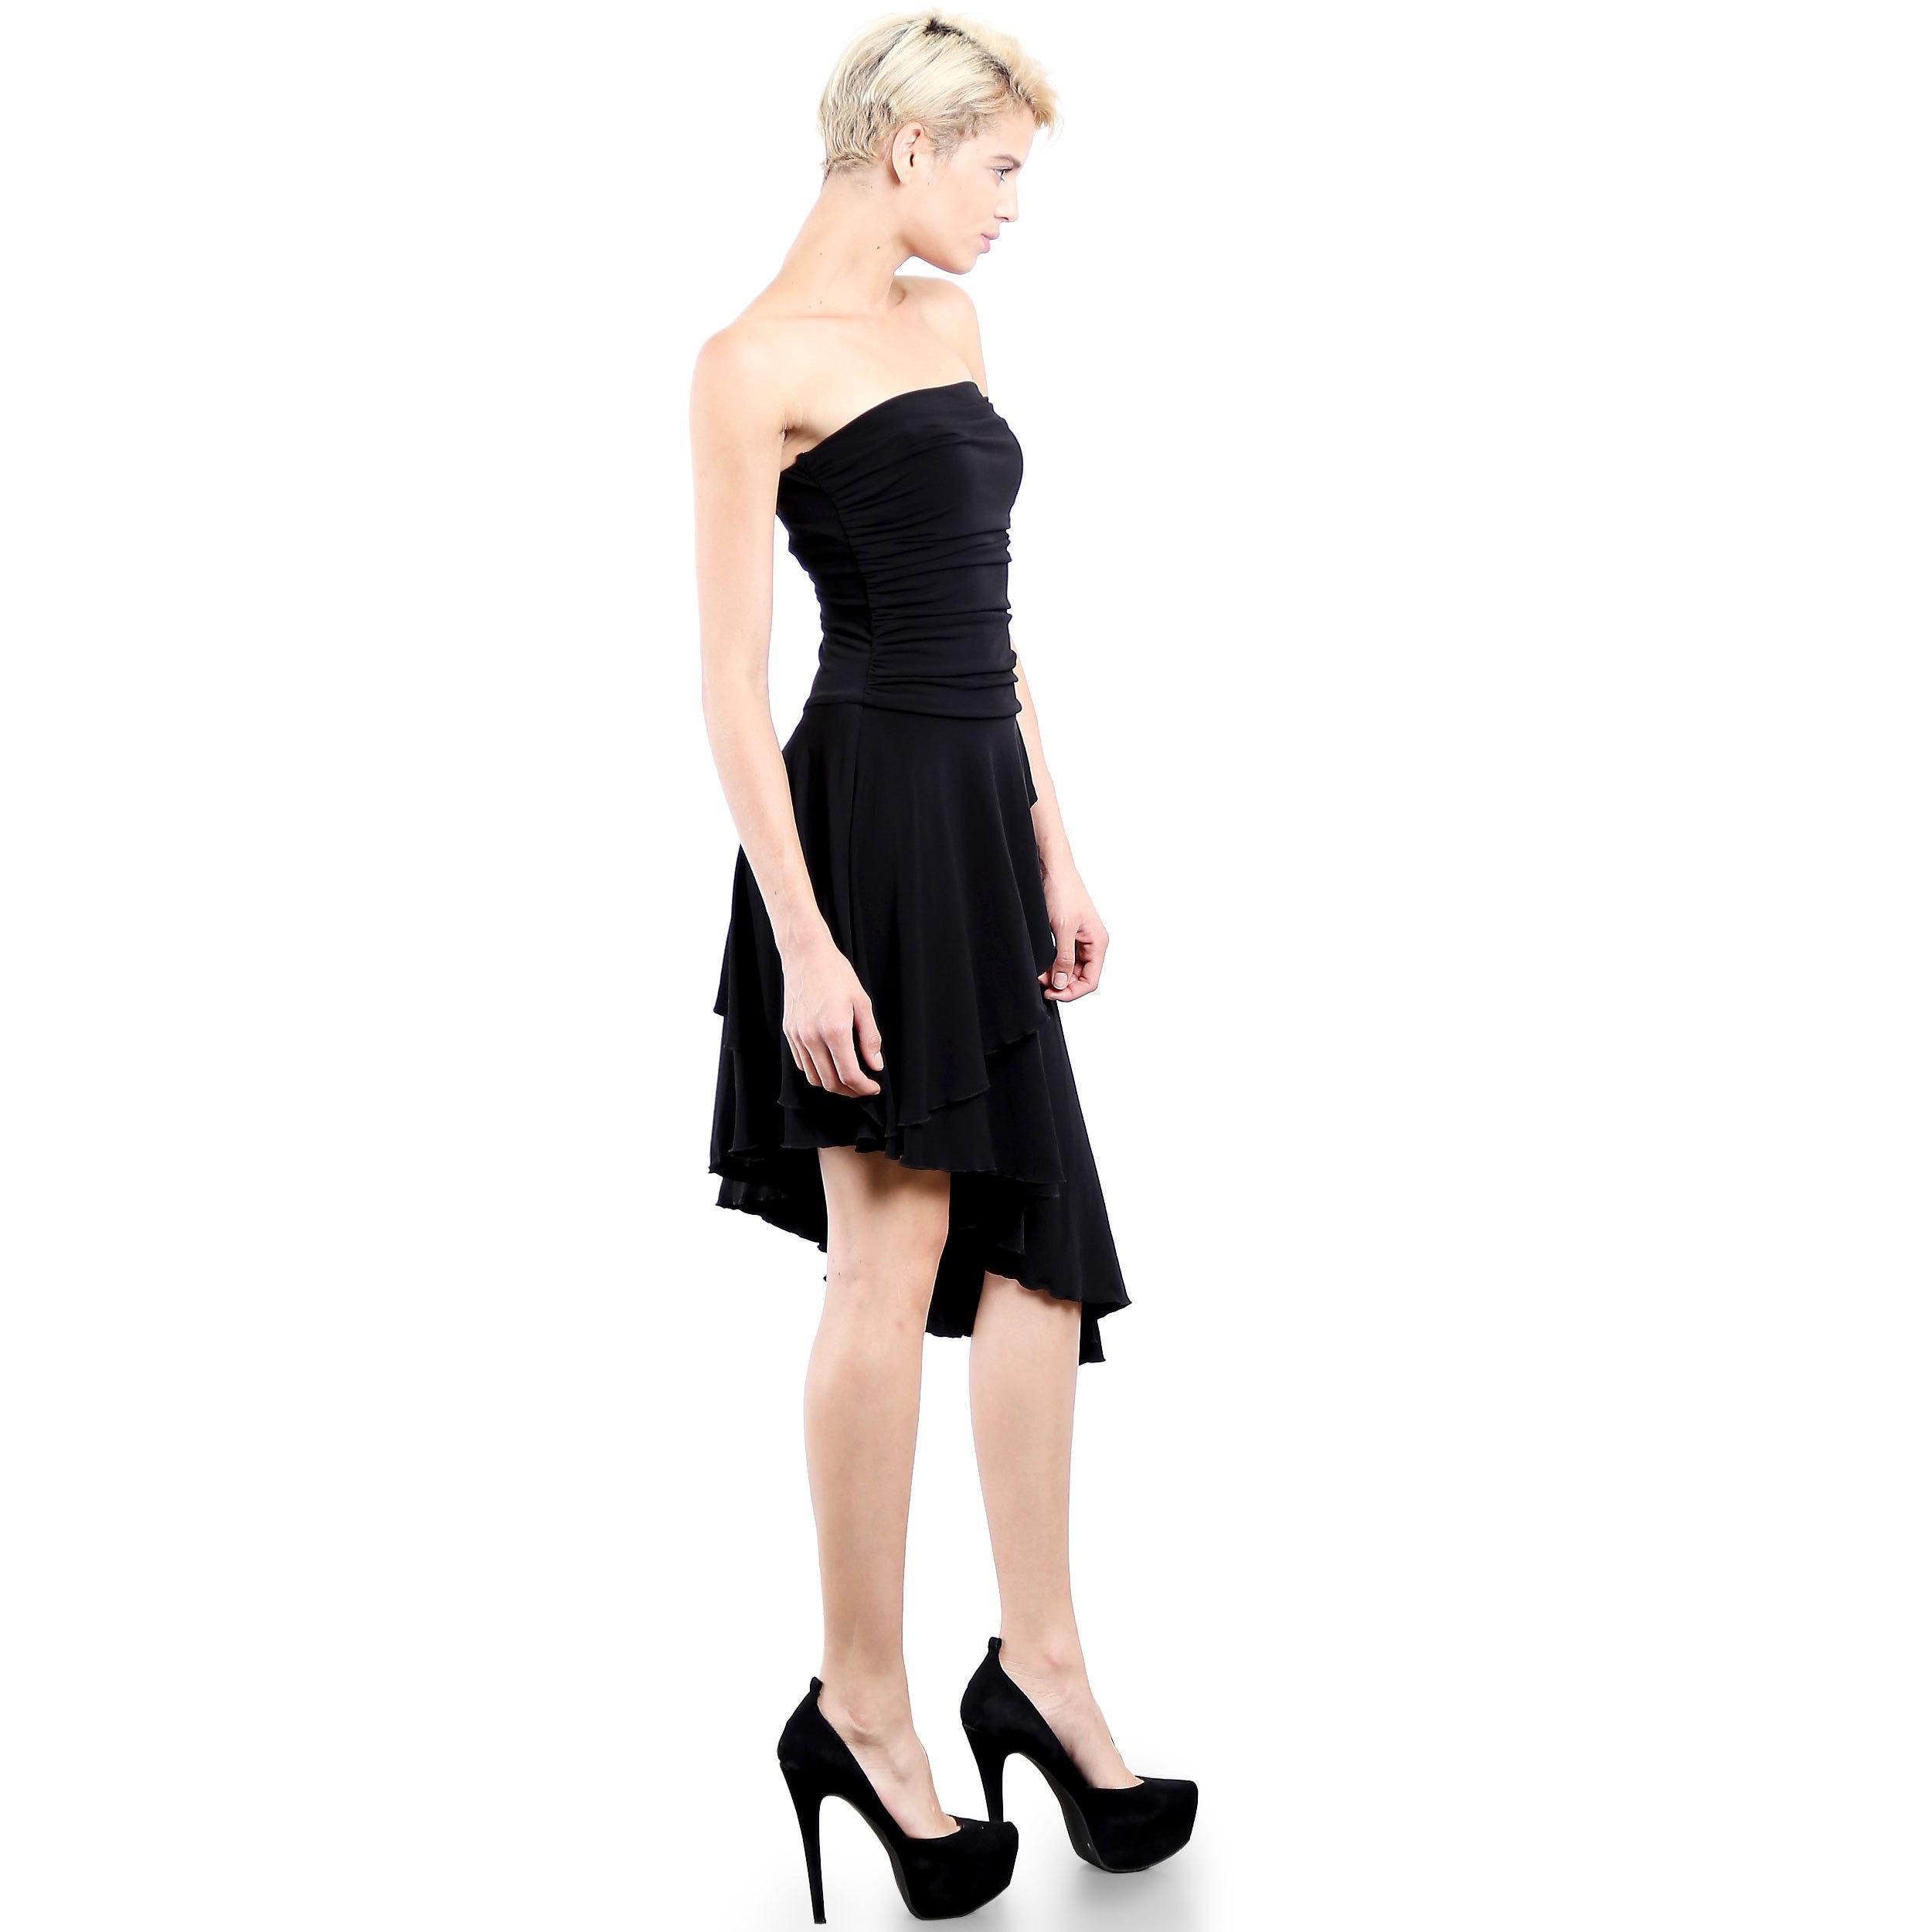 Strapless Tube Dress